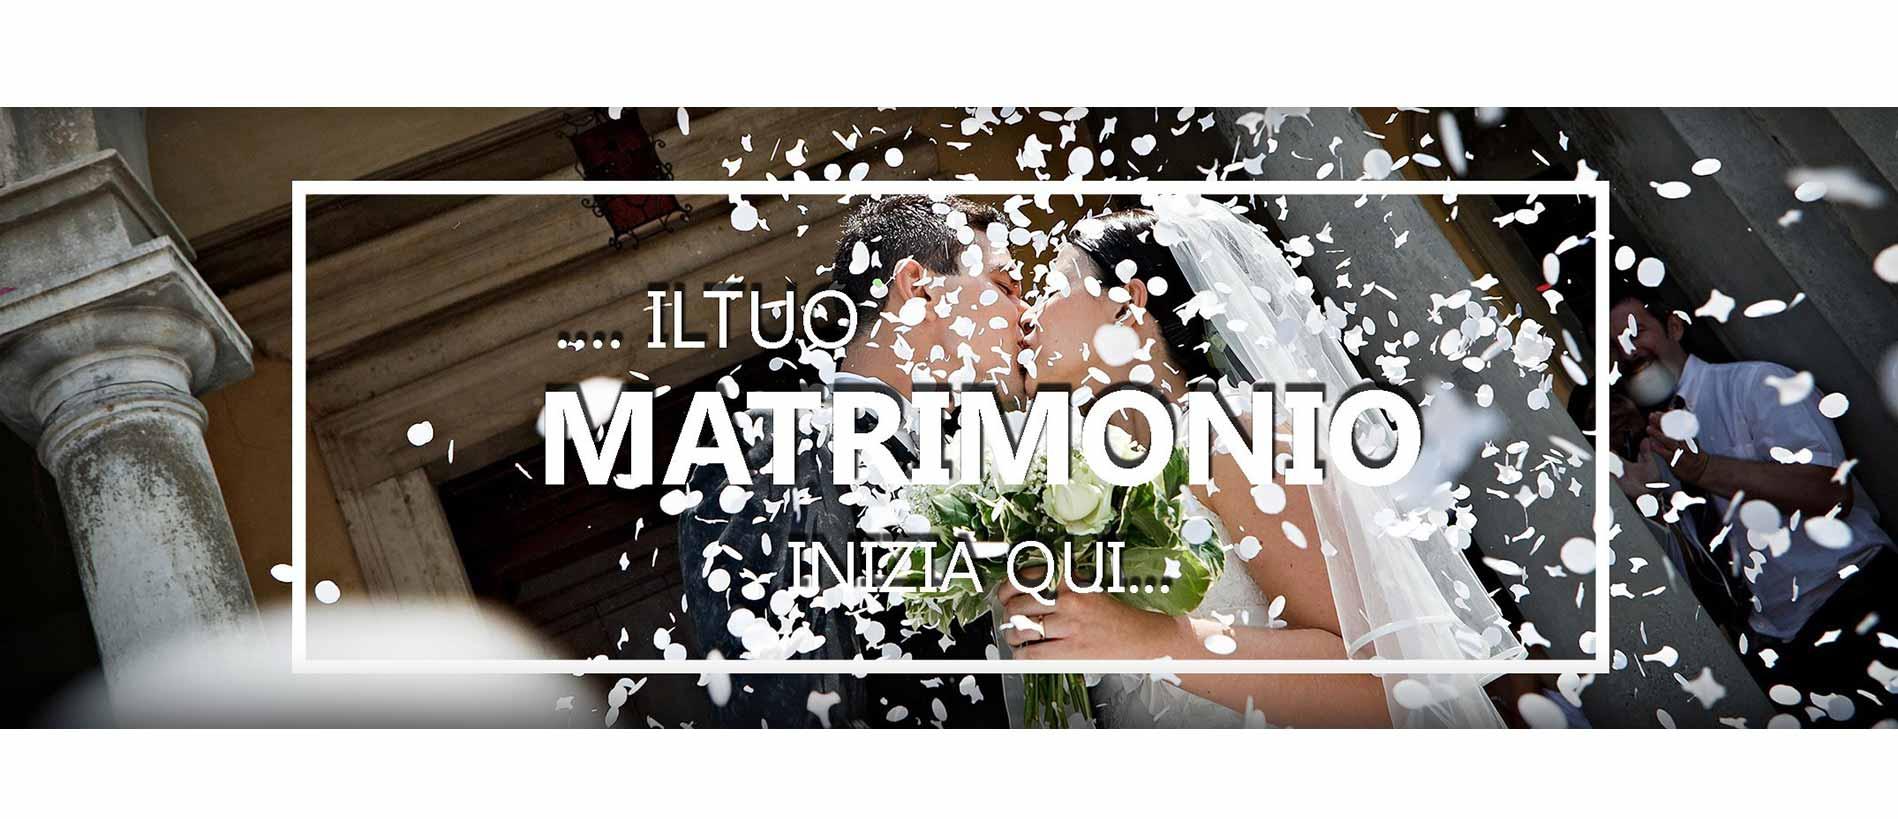 matrimonio-inizia-qui-min1